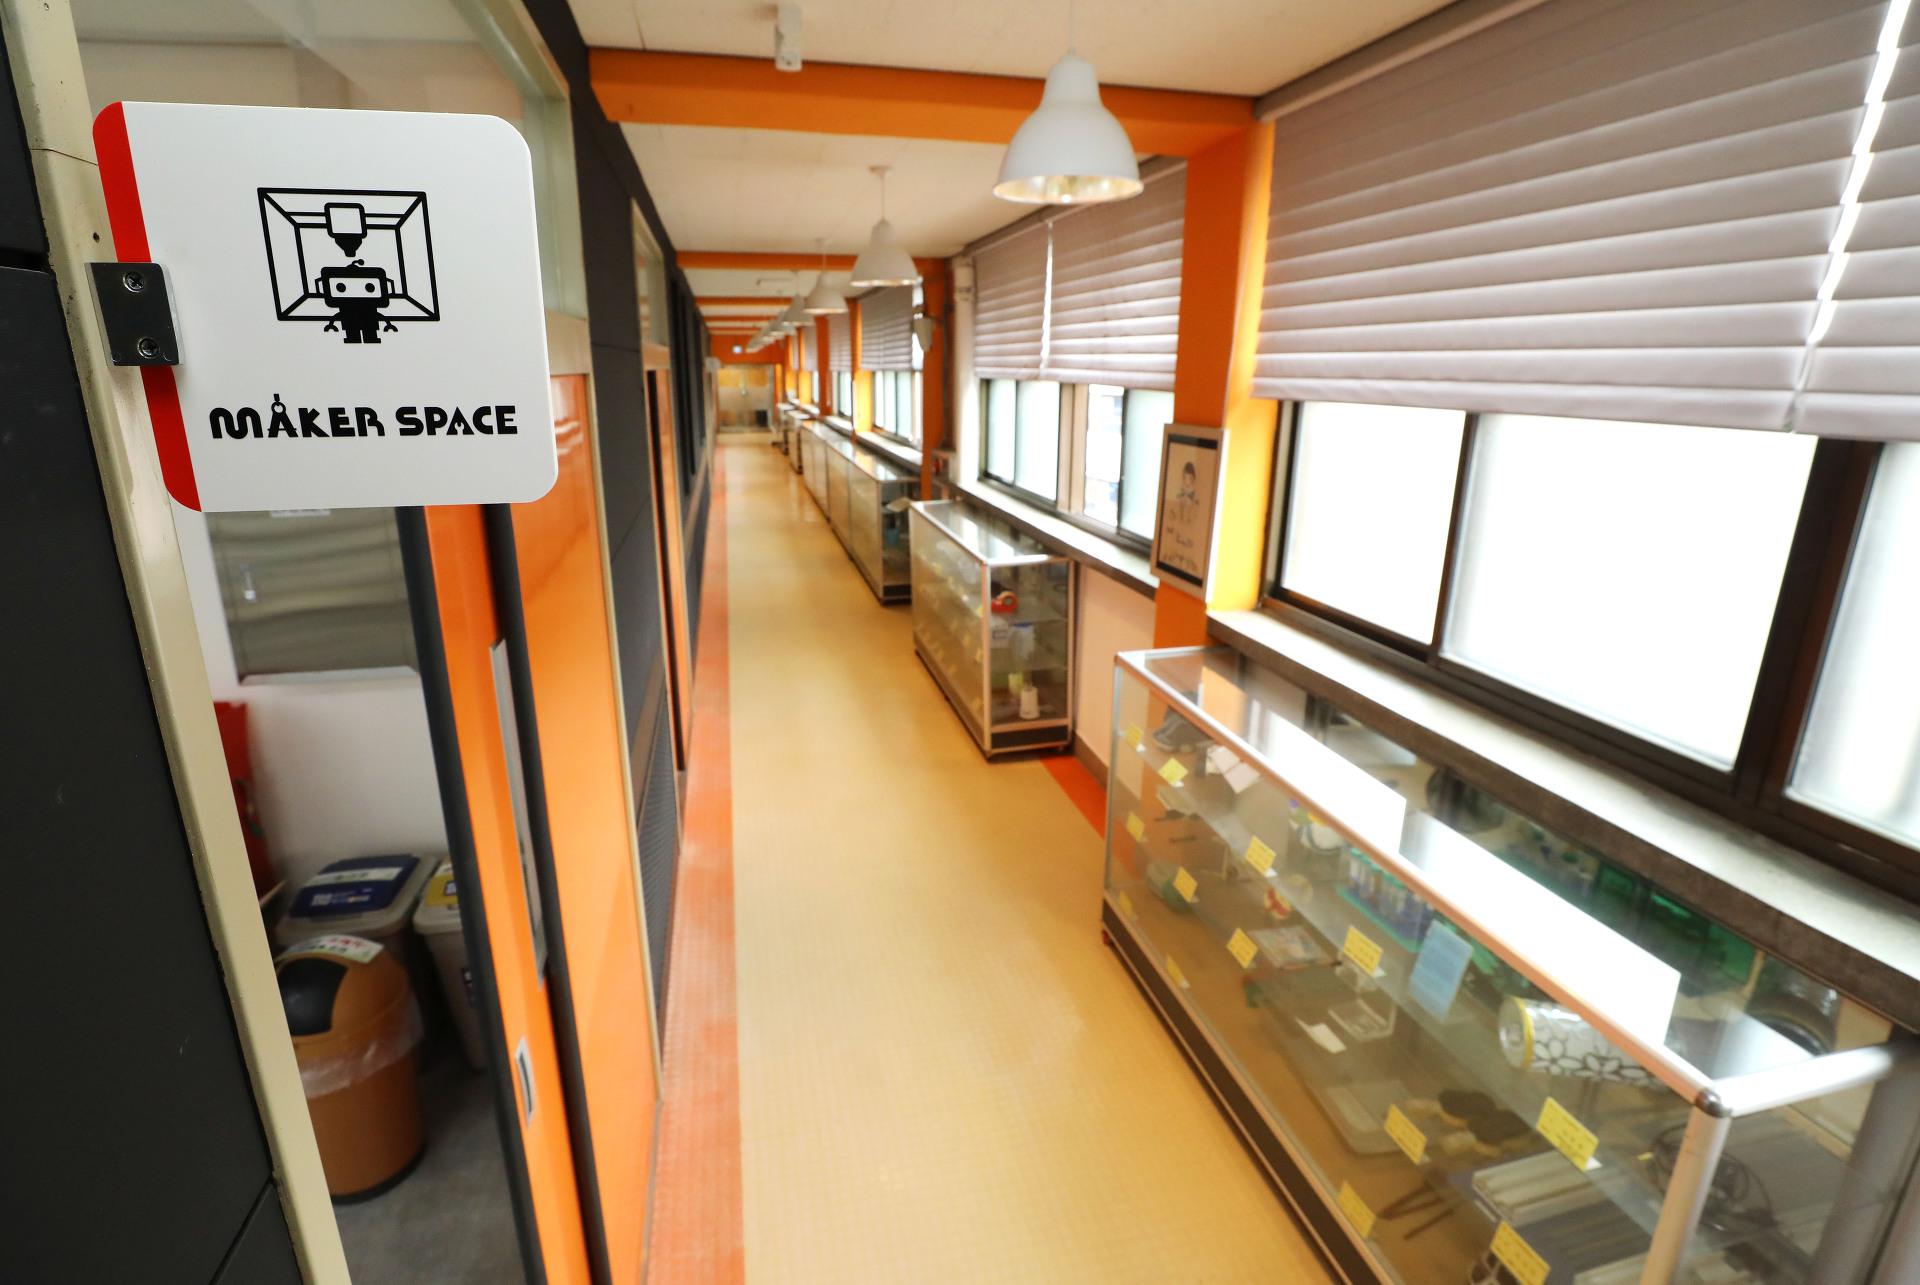 강남구, 서울로봇고에 메이커스페이스 거점센터 만든다